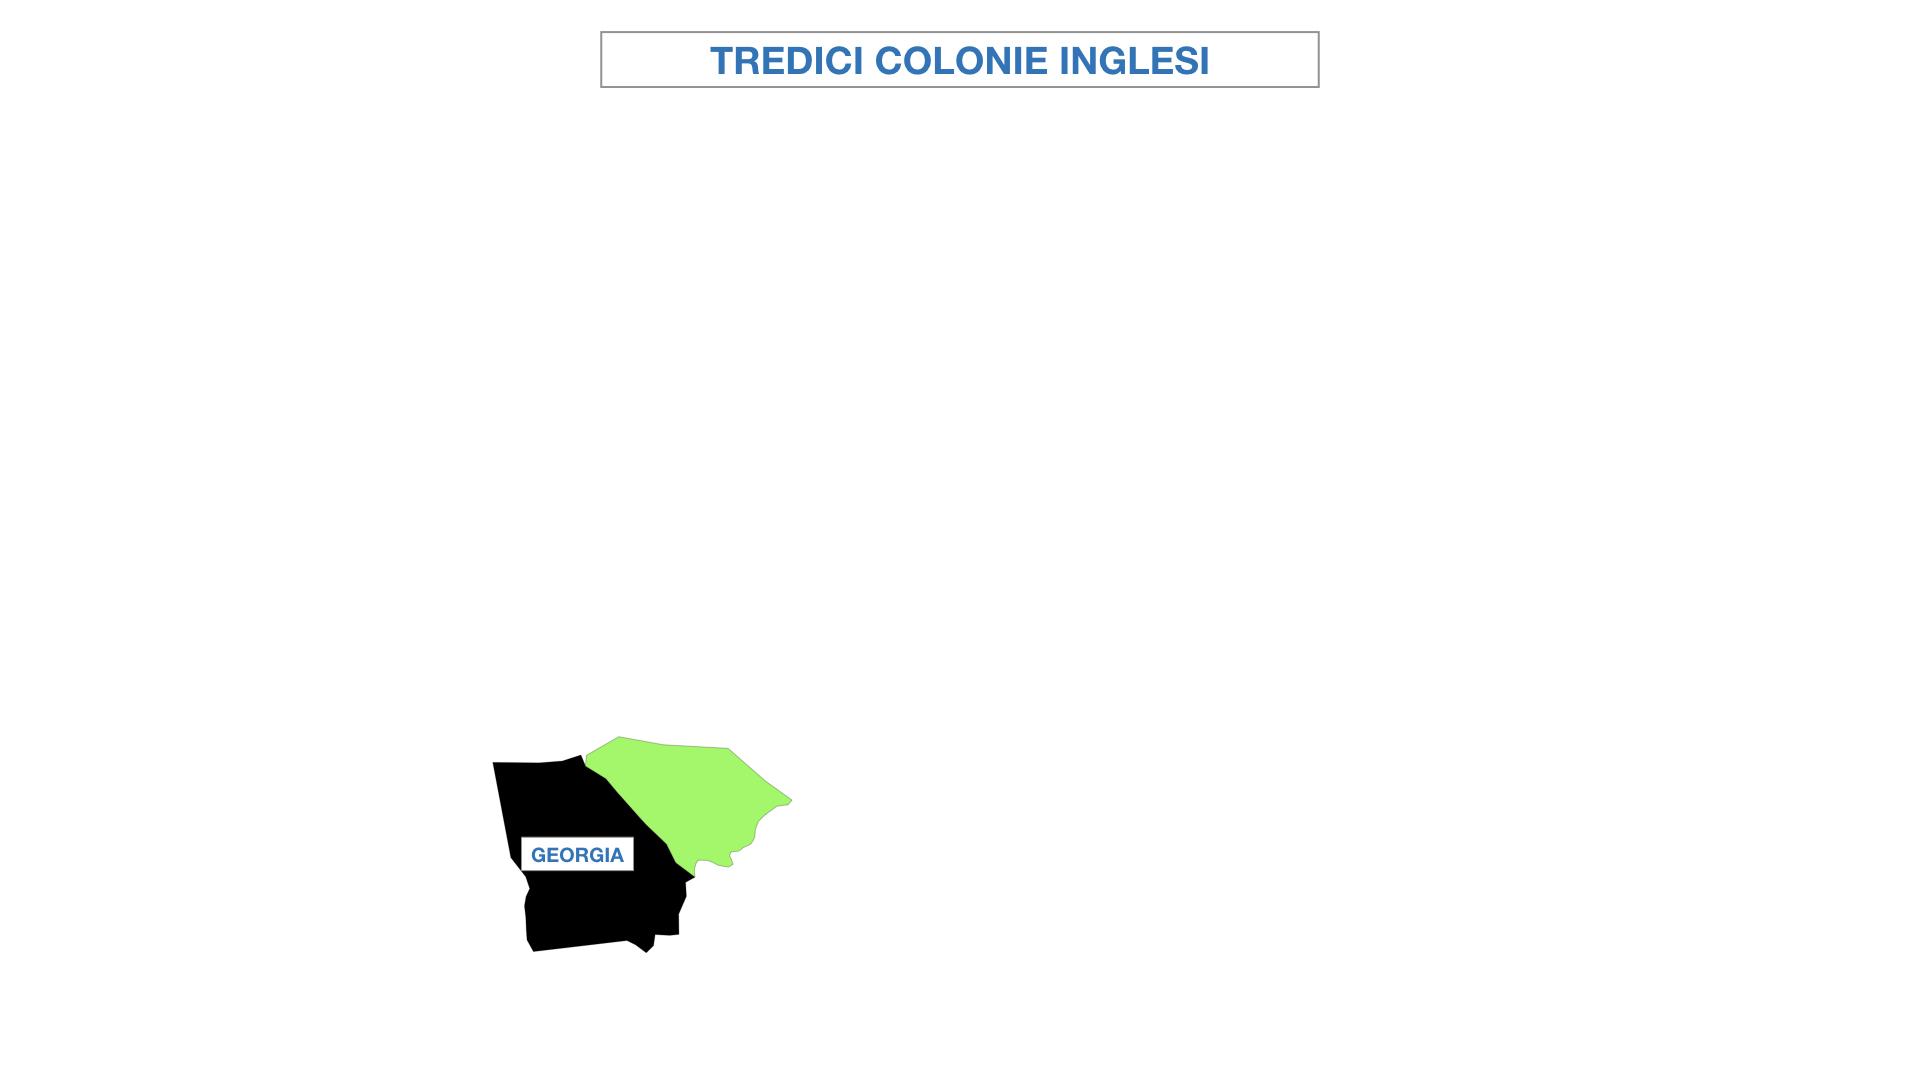 AMERICA LE TREDICI COLONIE INGLESI SIMULAZIONE.023